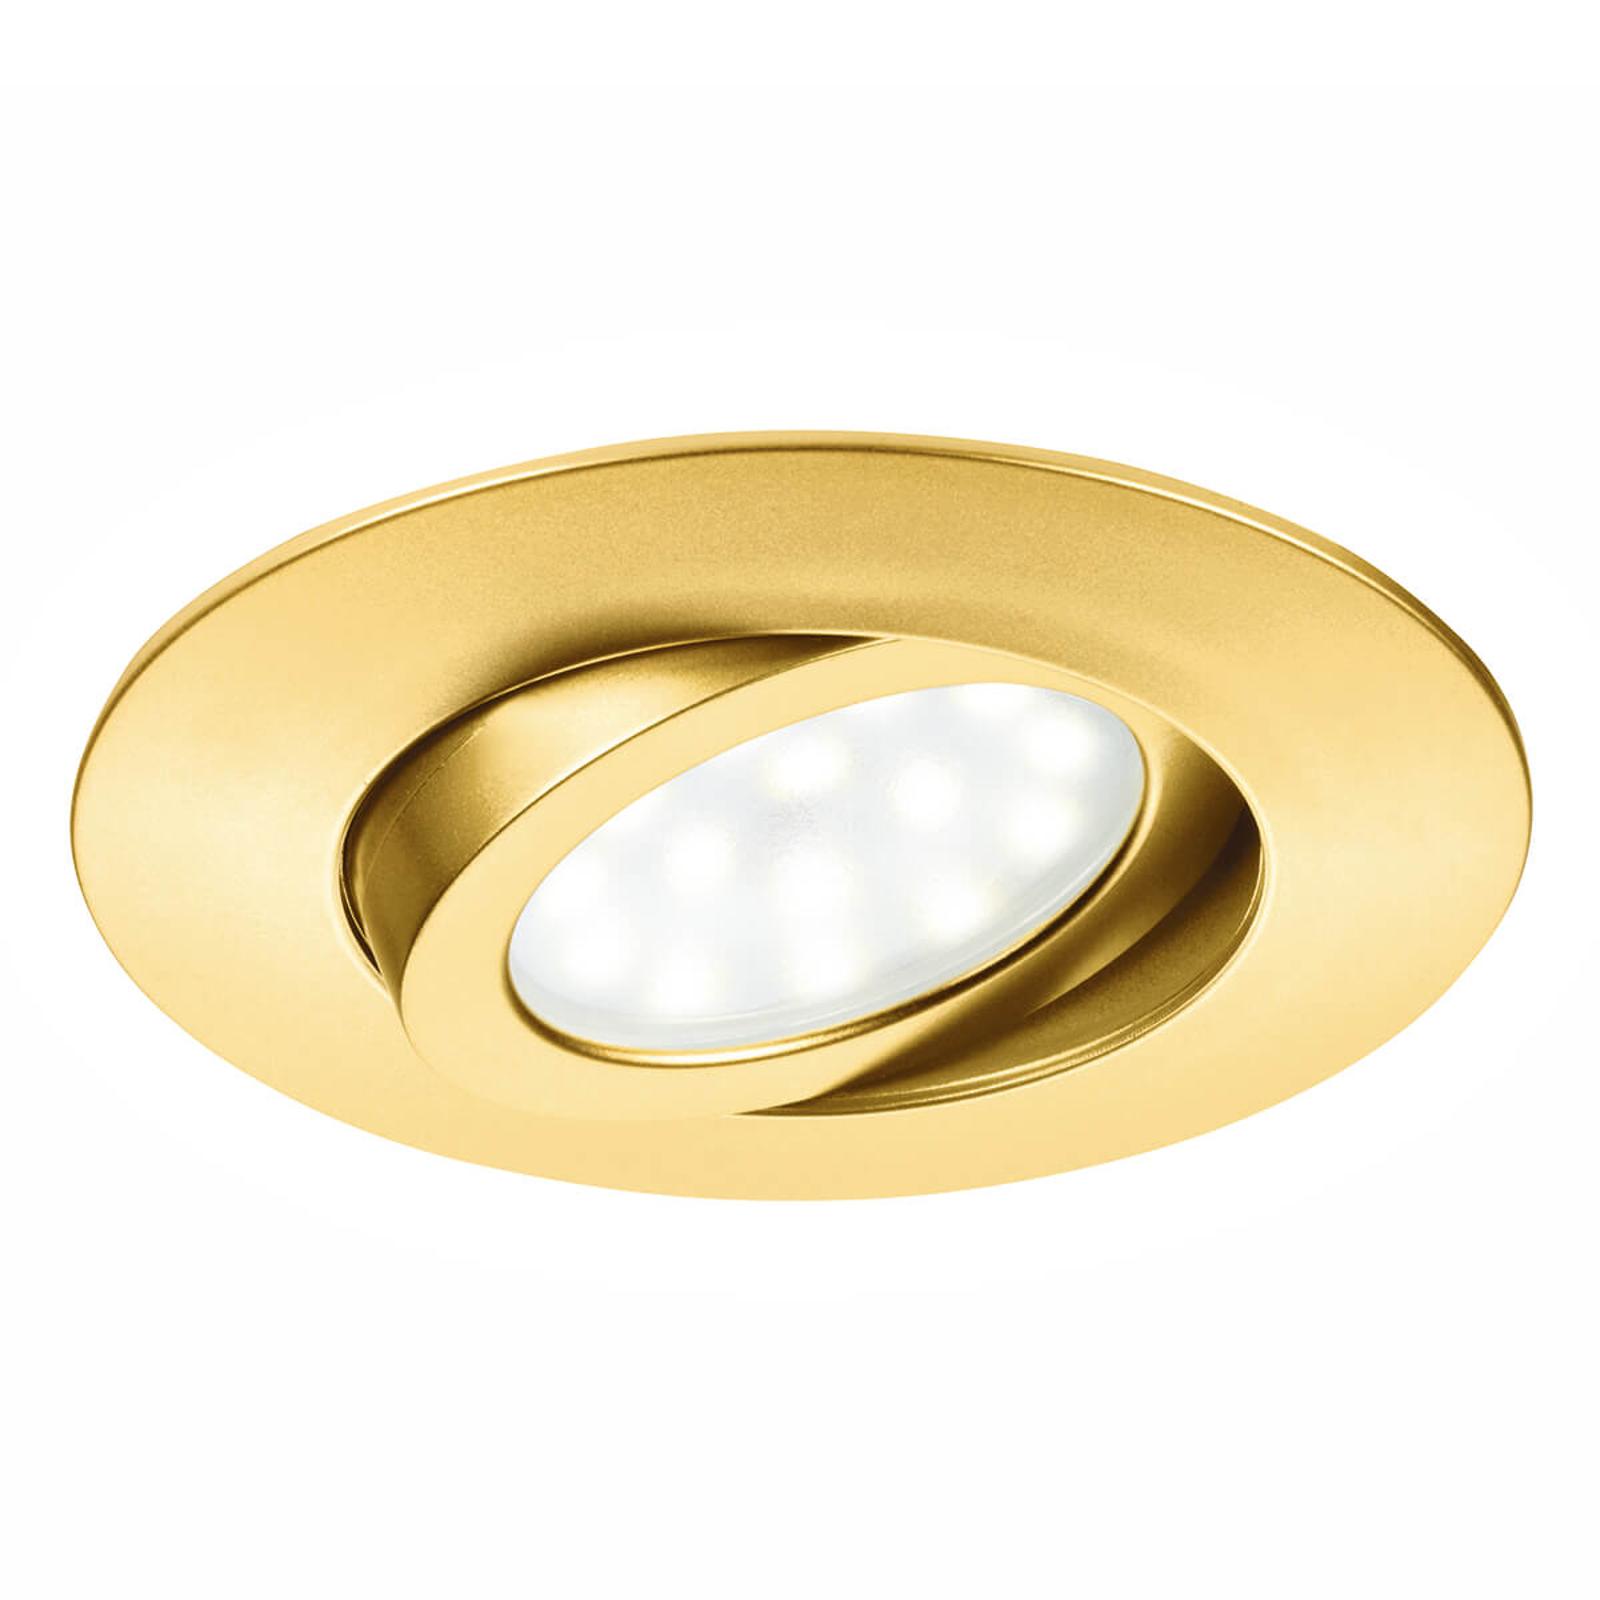 Guldfarvet LED indbygningsspot Zenit med IP44